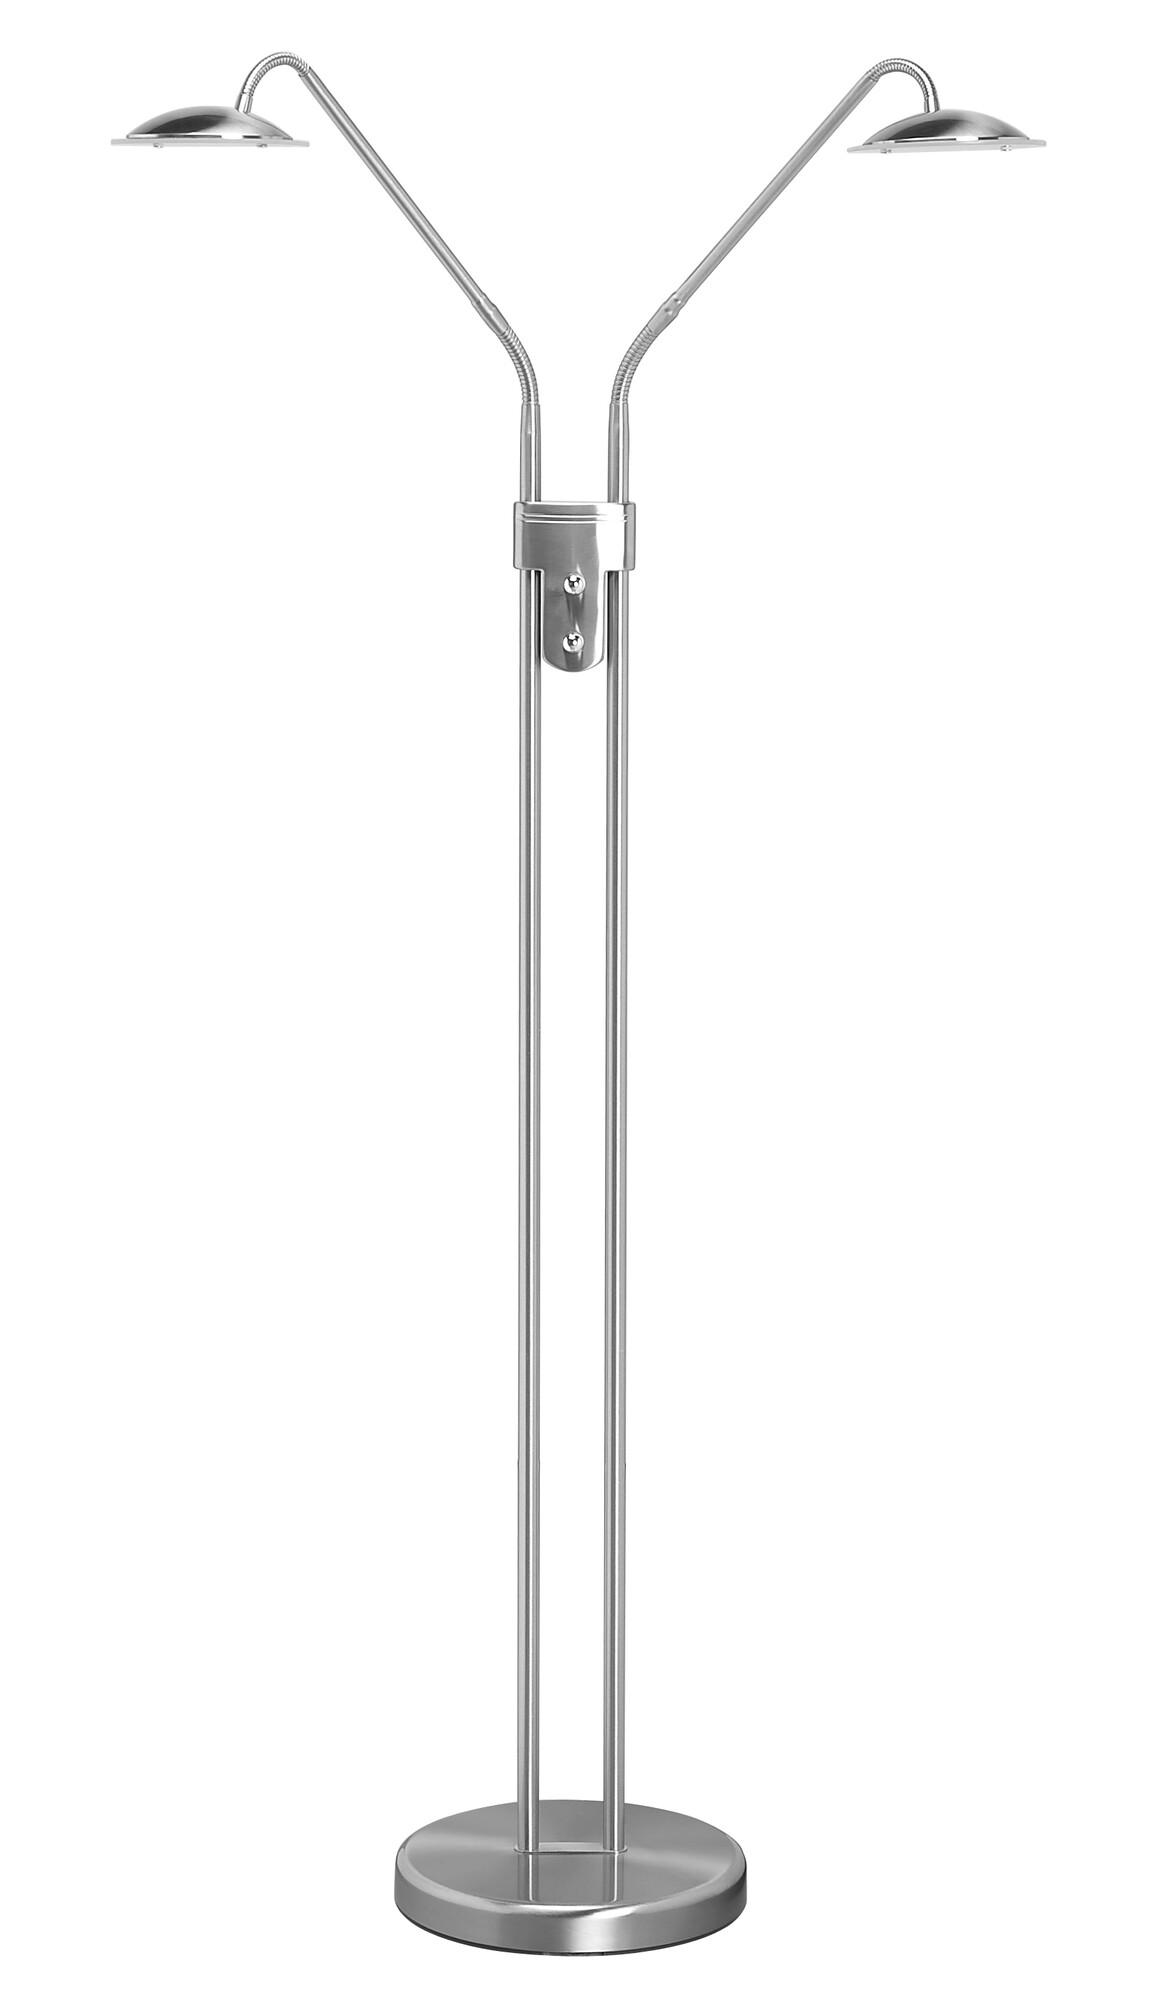 JUPITER Lampadaire LED 2x6W/540lm Argent